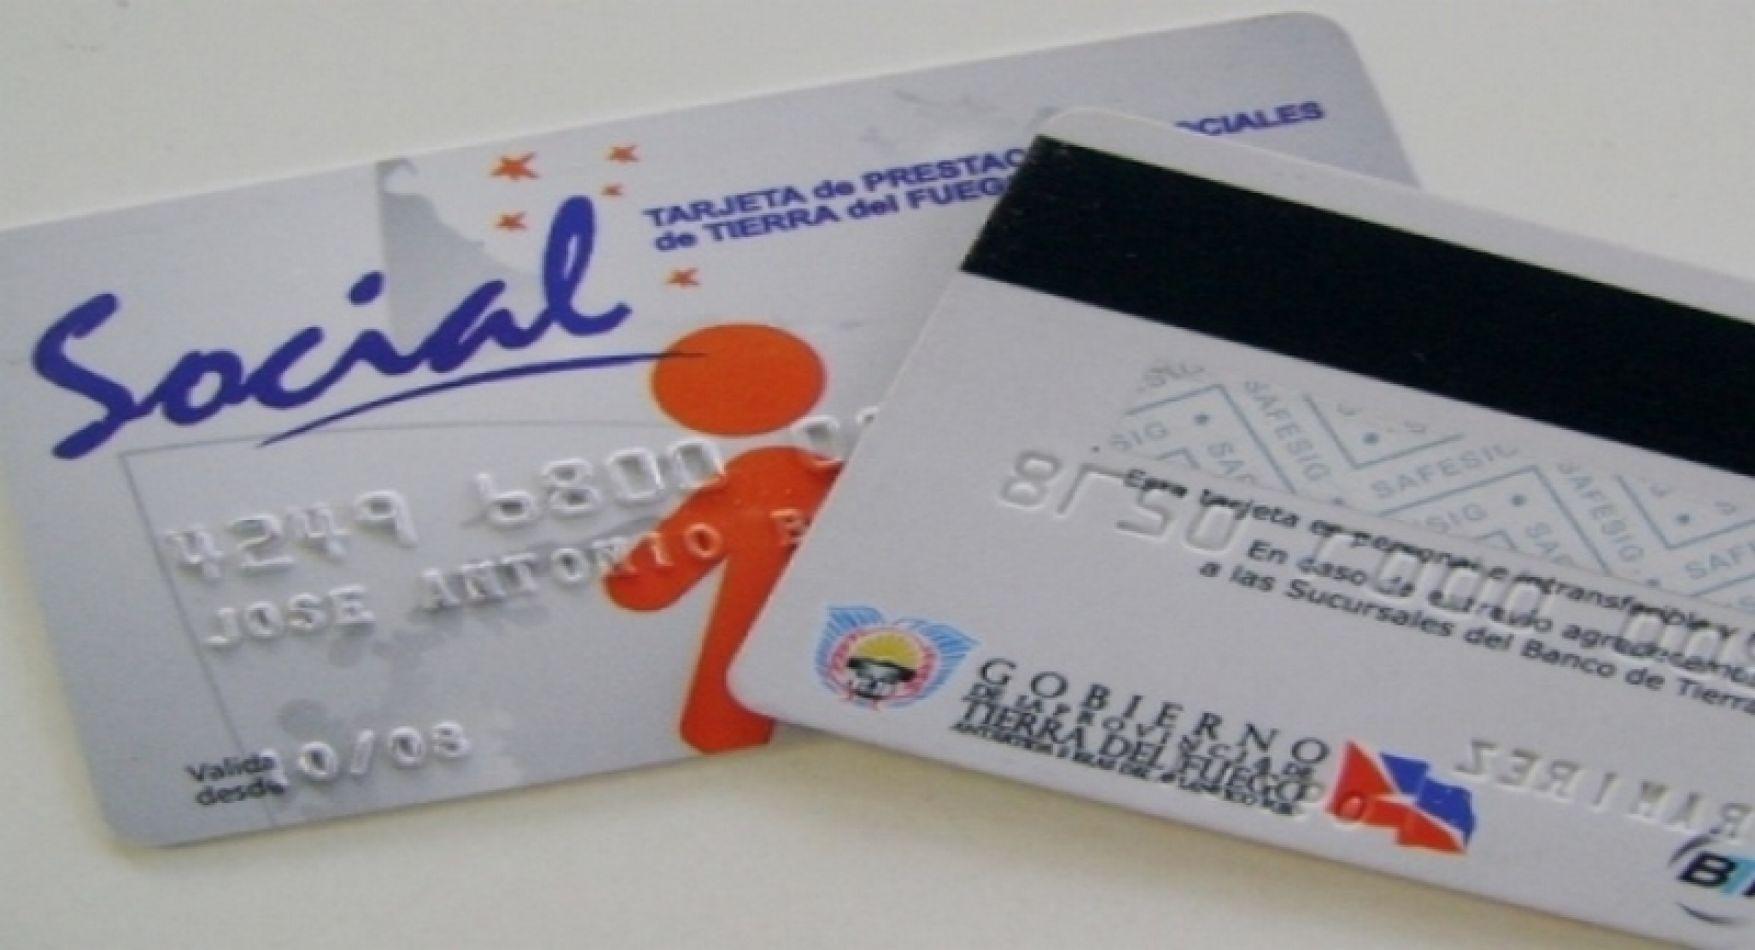 Distribución de tarjetas mesa fueguina